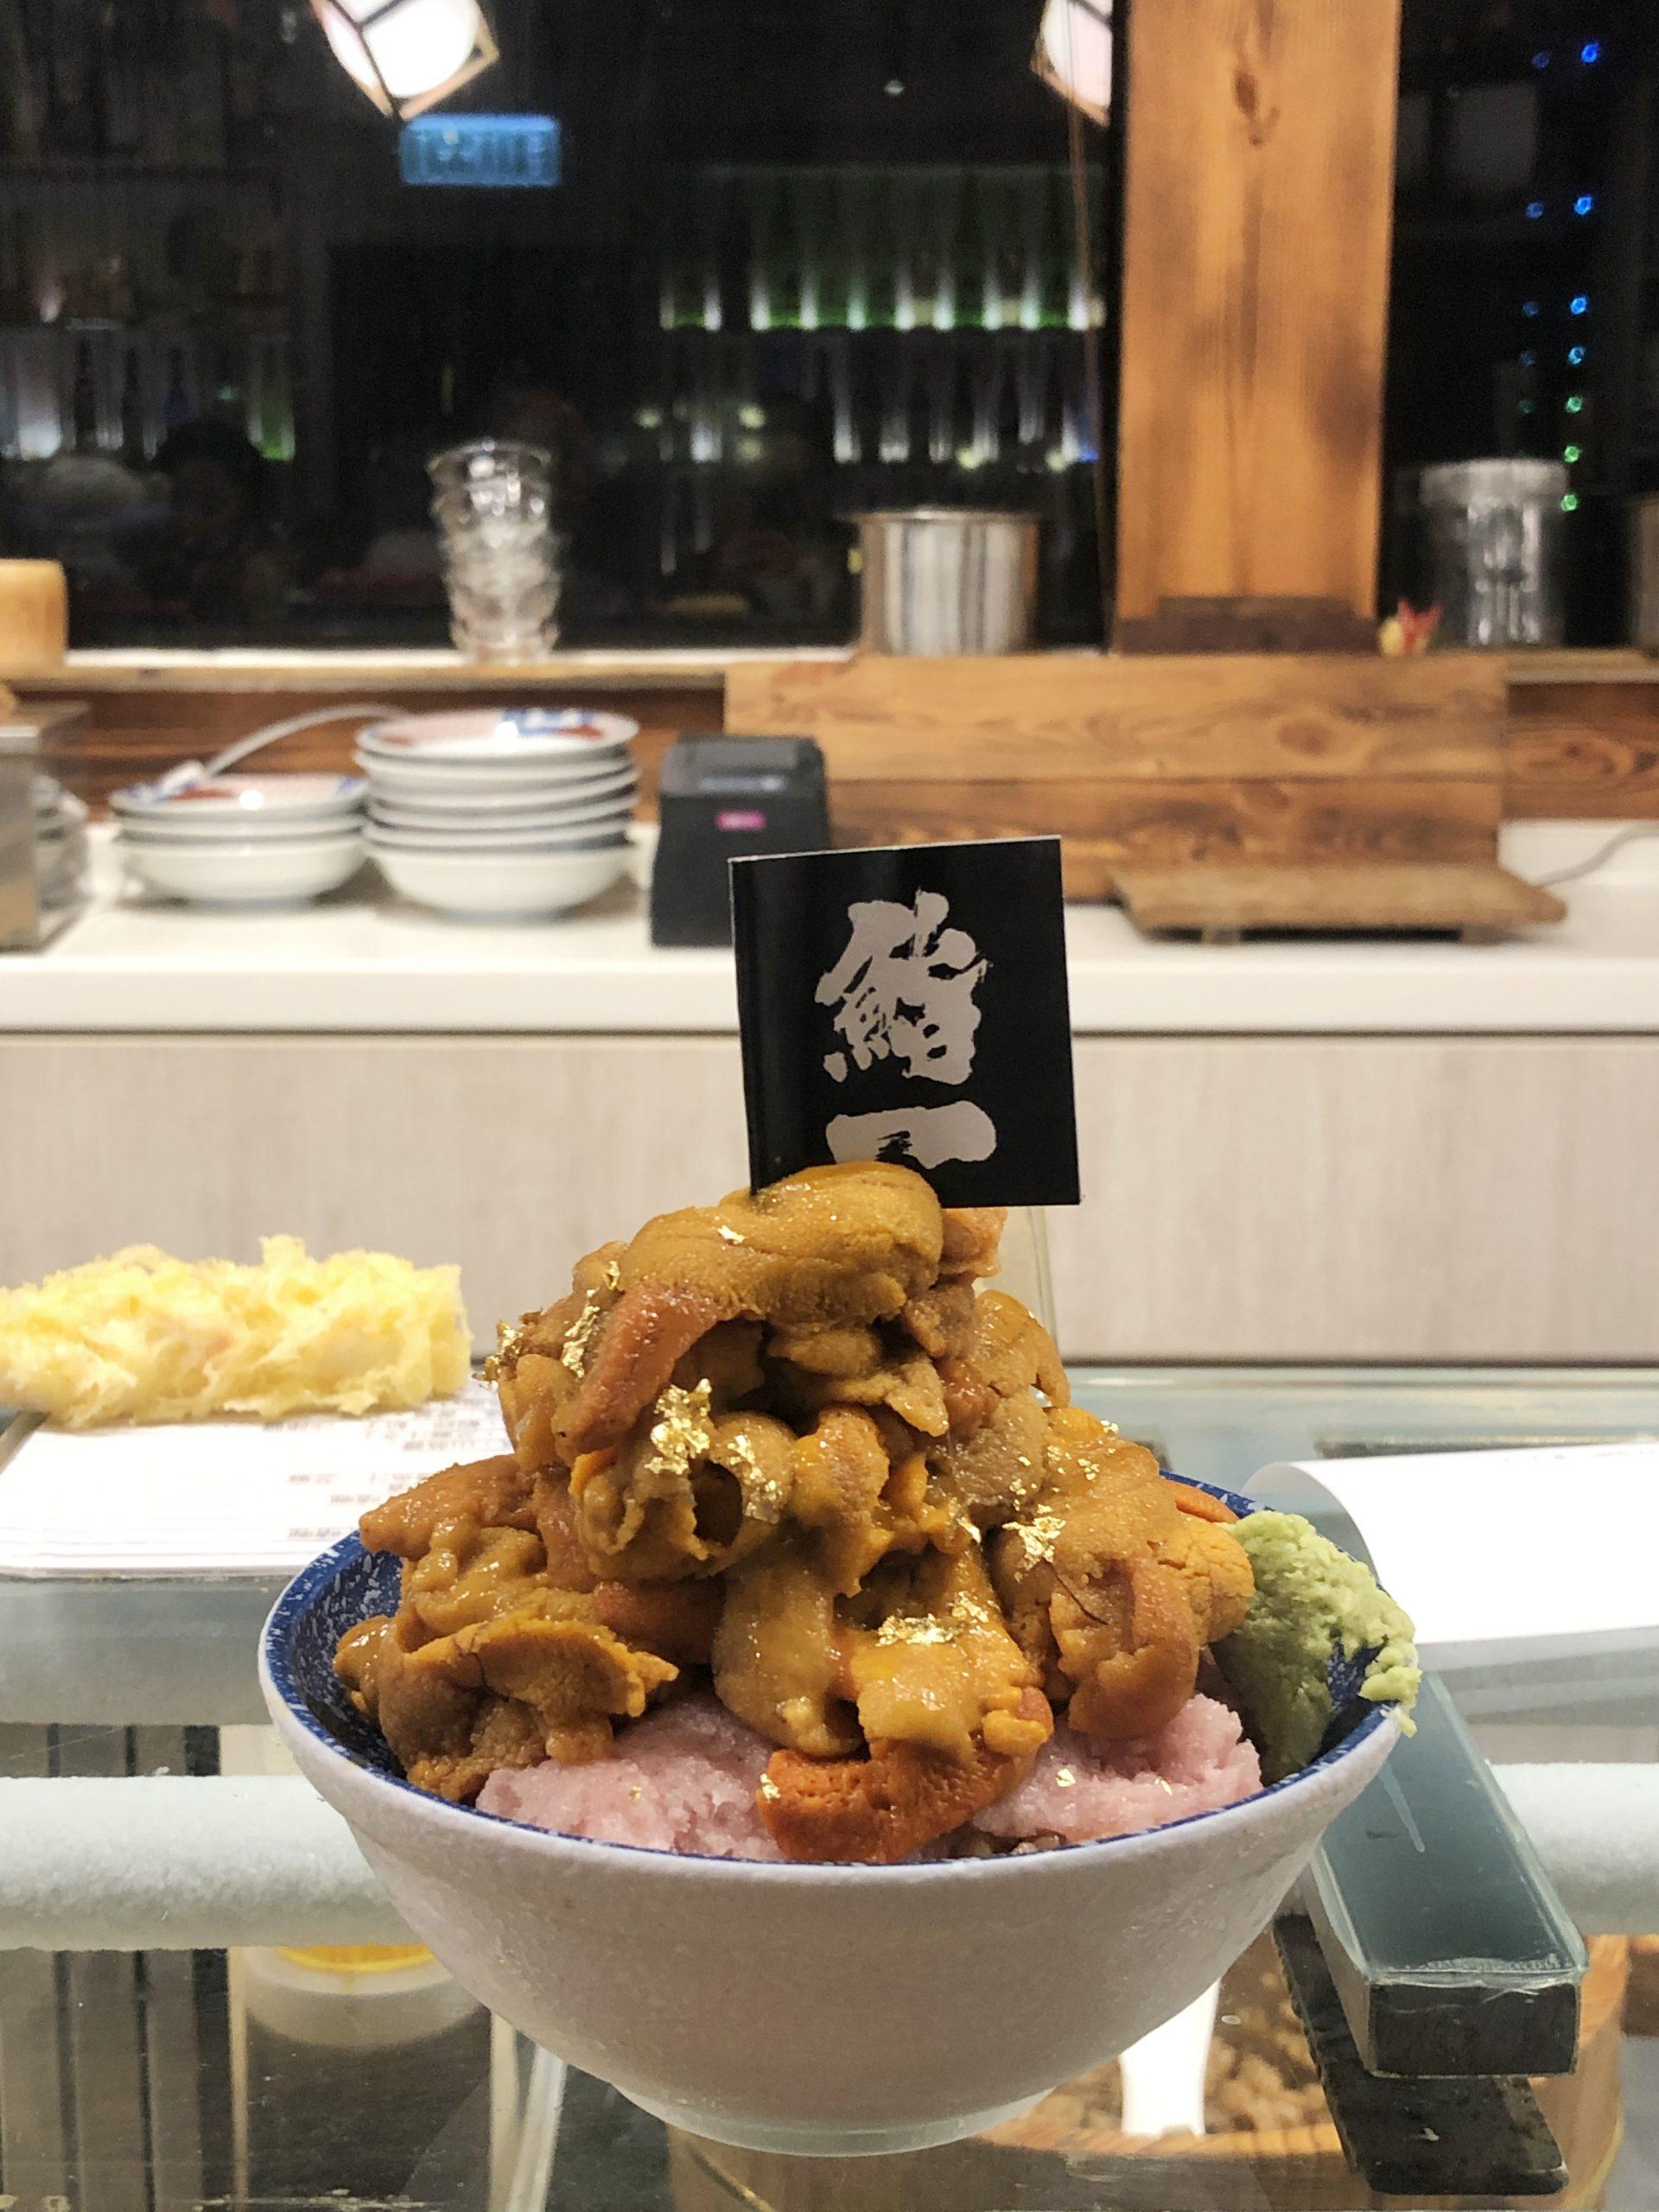 日本料理 壽司 黃店 尖沙咀 厚福街 鮨一 千層海膽杯 馬糞海膽 吞拿魚腩